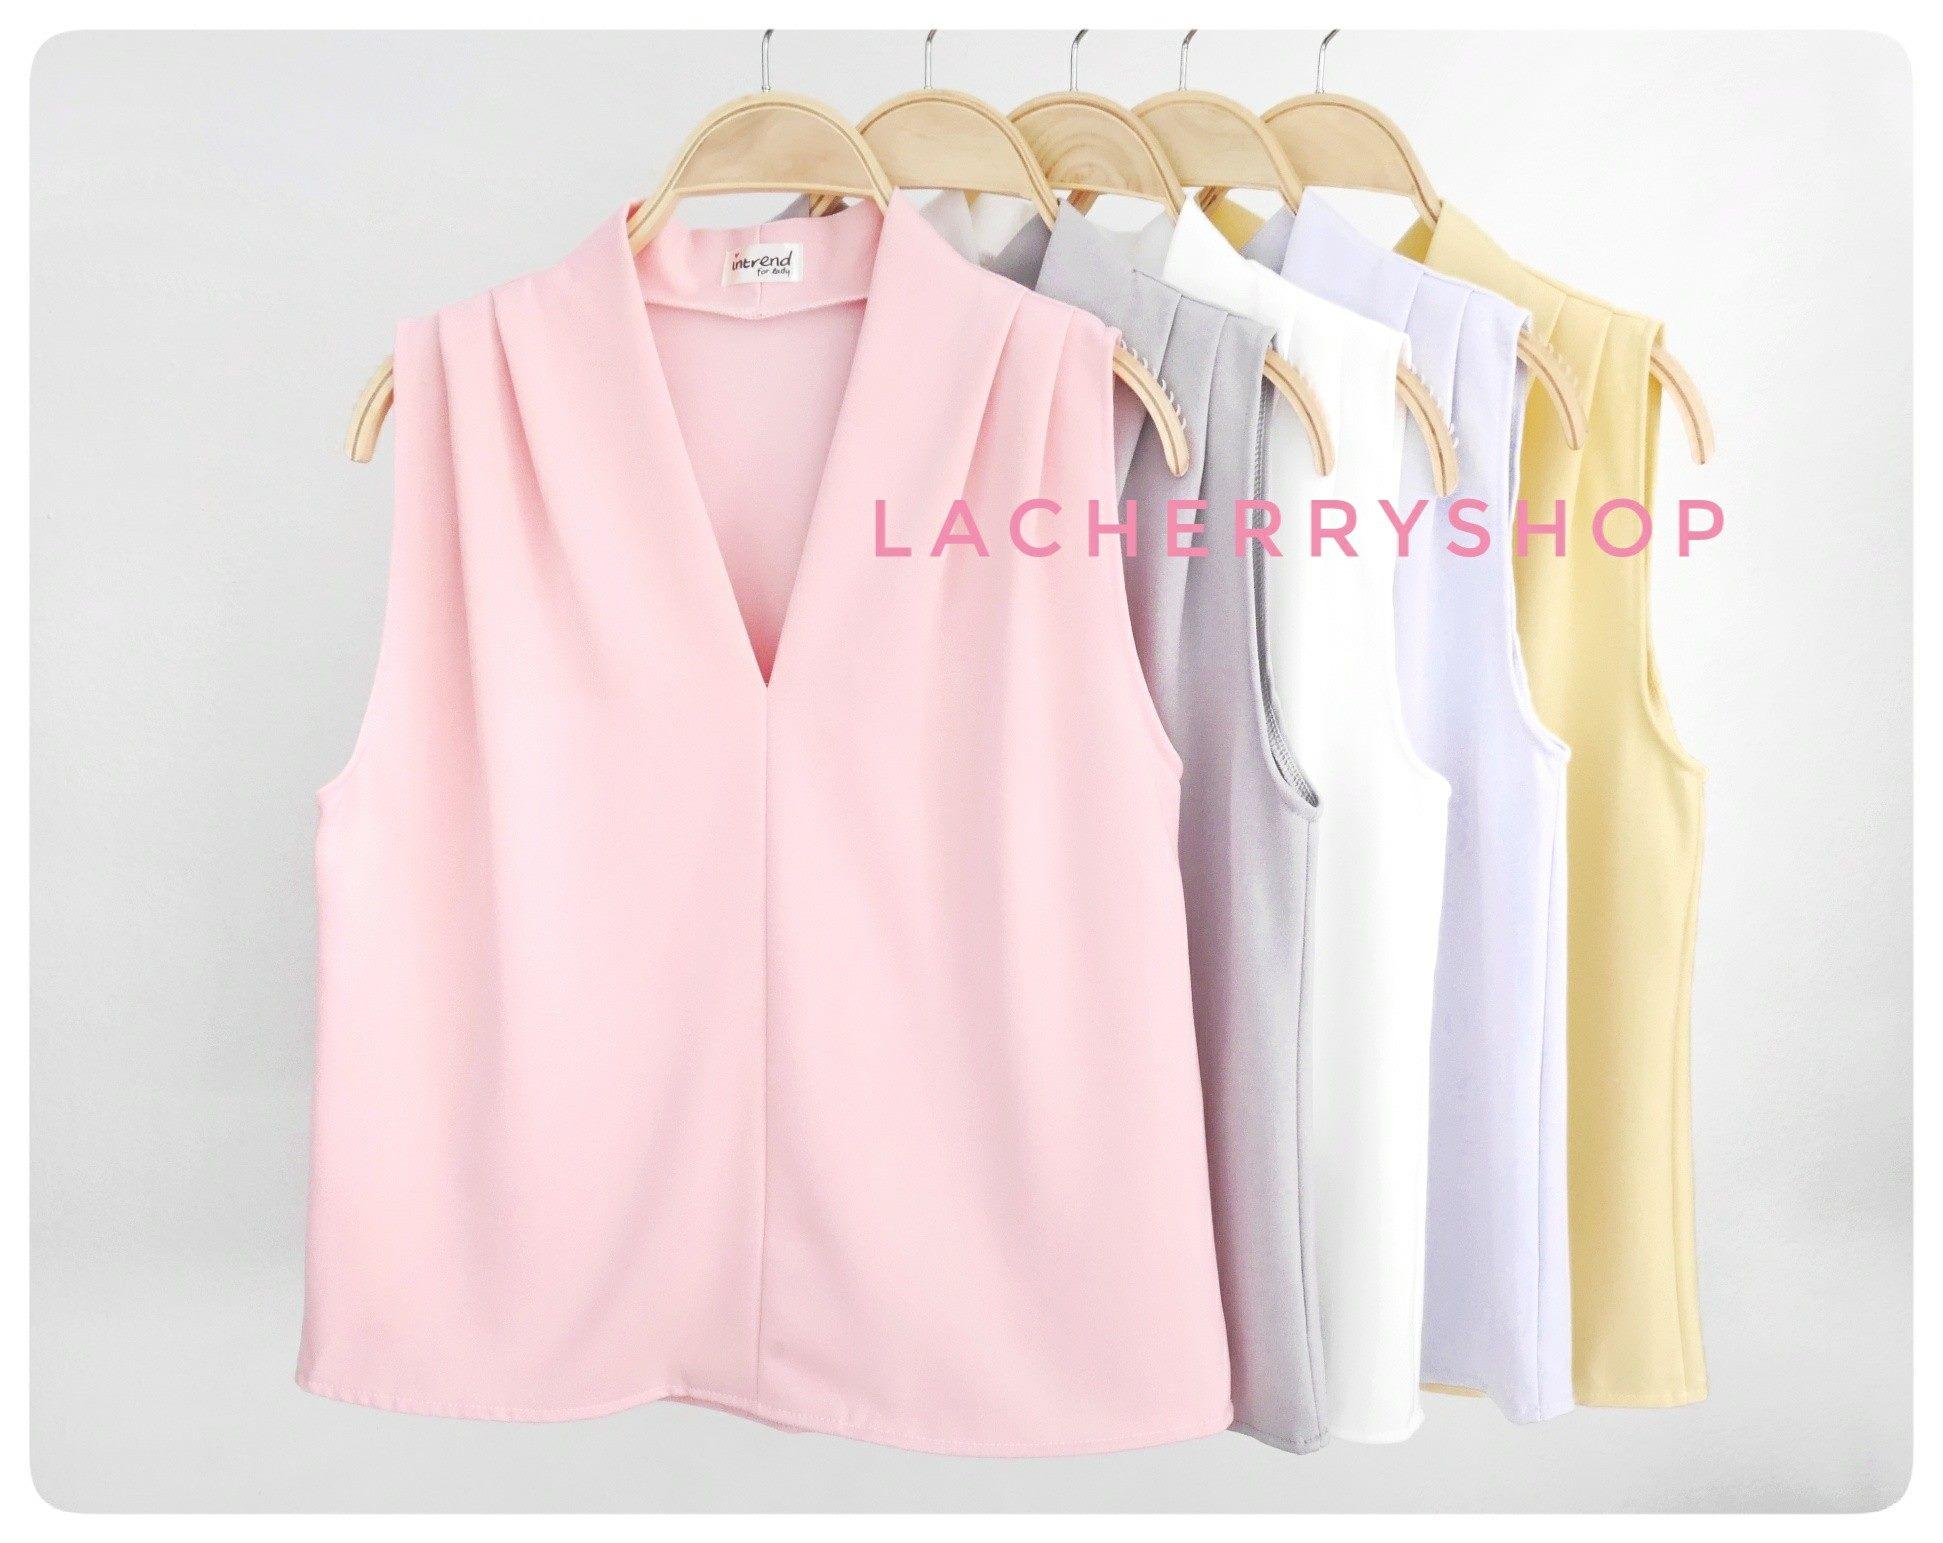 เสื้อแฟชั่นผ้าฮานาโกะ แขนกุด คอวี (สีขาว) จับจีบไหล่ ทรงสวยเรียบหรู สินค้าคุณภาพดี ใส่ได้ทุกโอกาส